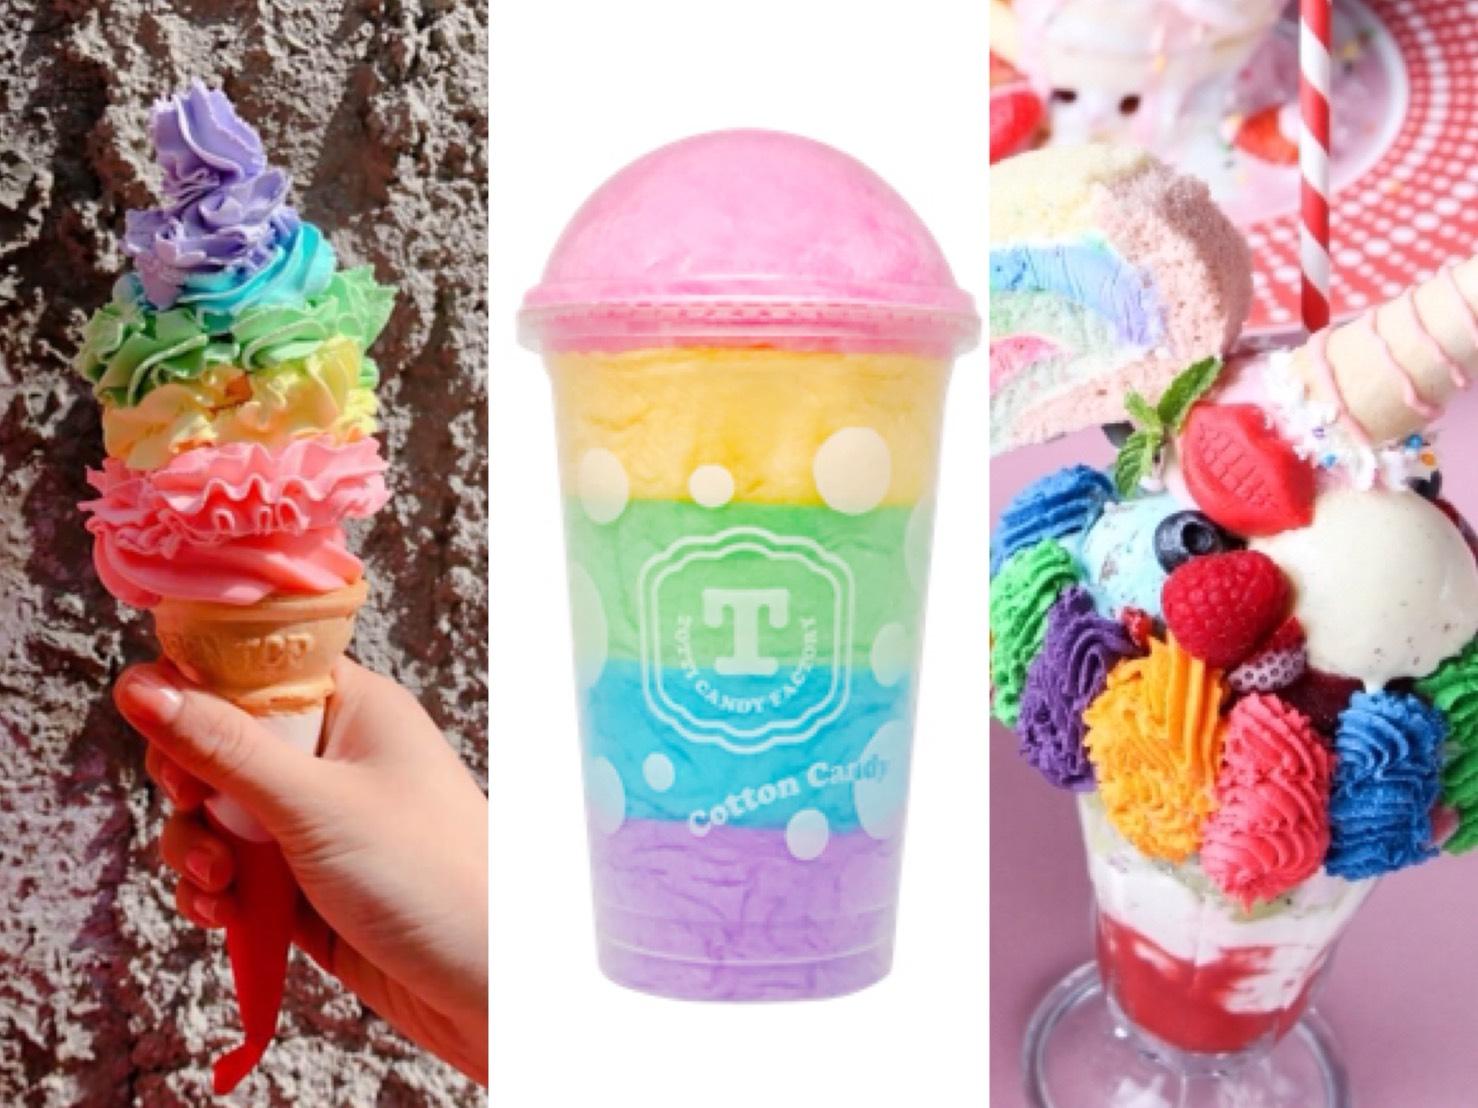 IG讚數的保證!東京・彩虹甜點6選 在六本木、在原宿、在自由之丘、在麻布十番、甜點